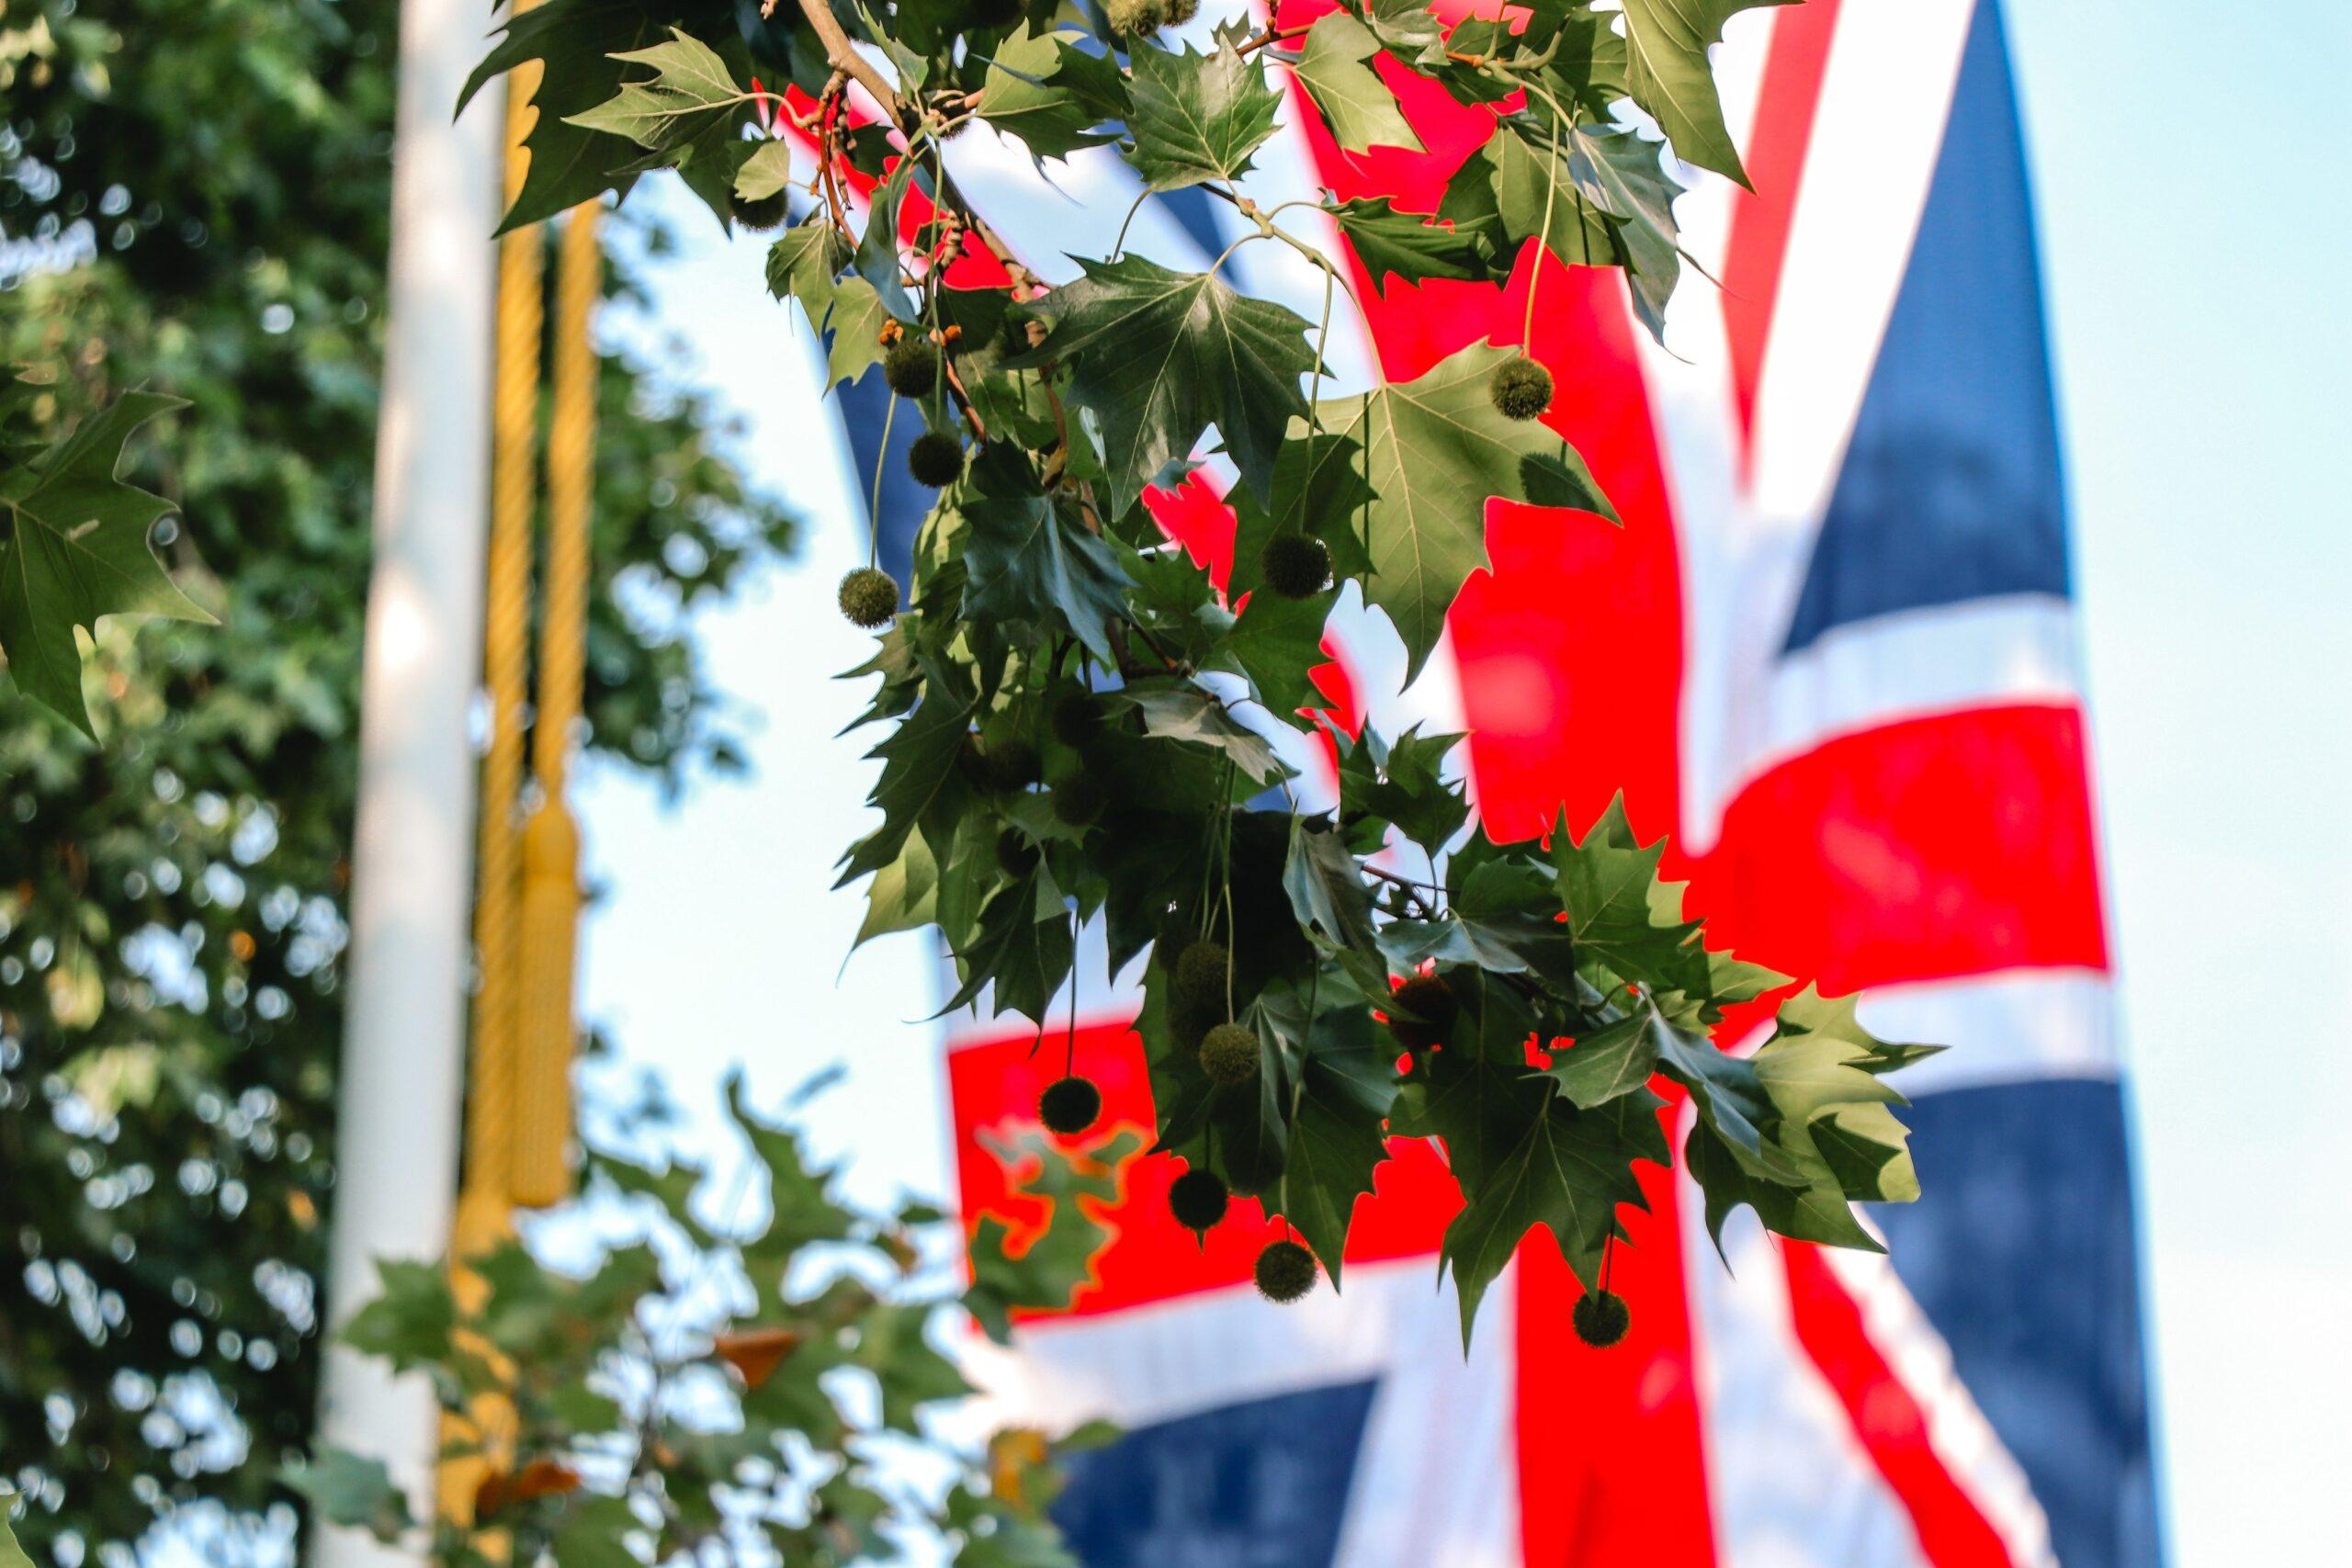 Le Royaume-Uni est l'un des plus importants marchés pour la musique dans le monde. Quelles conséquences suite au Brexit ? Le CNM met à disposition des fiches pratiques pour développer son projet musical au Royaume-Uni.